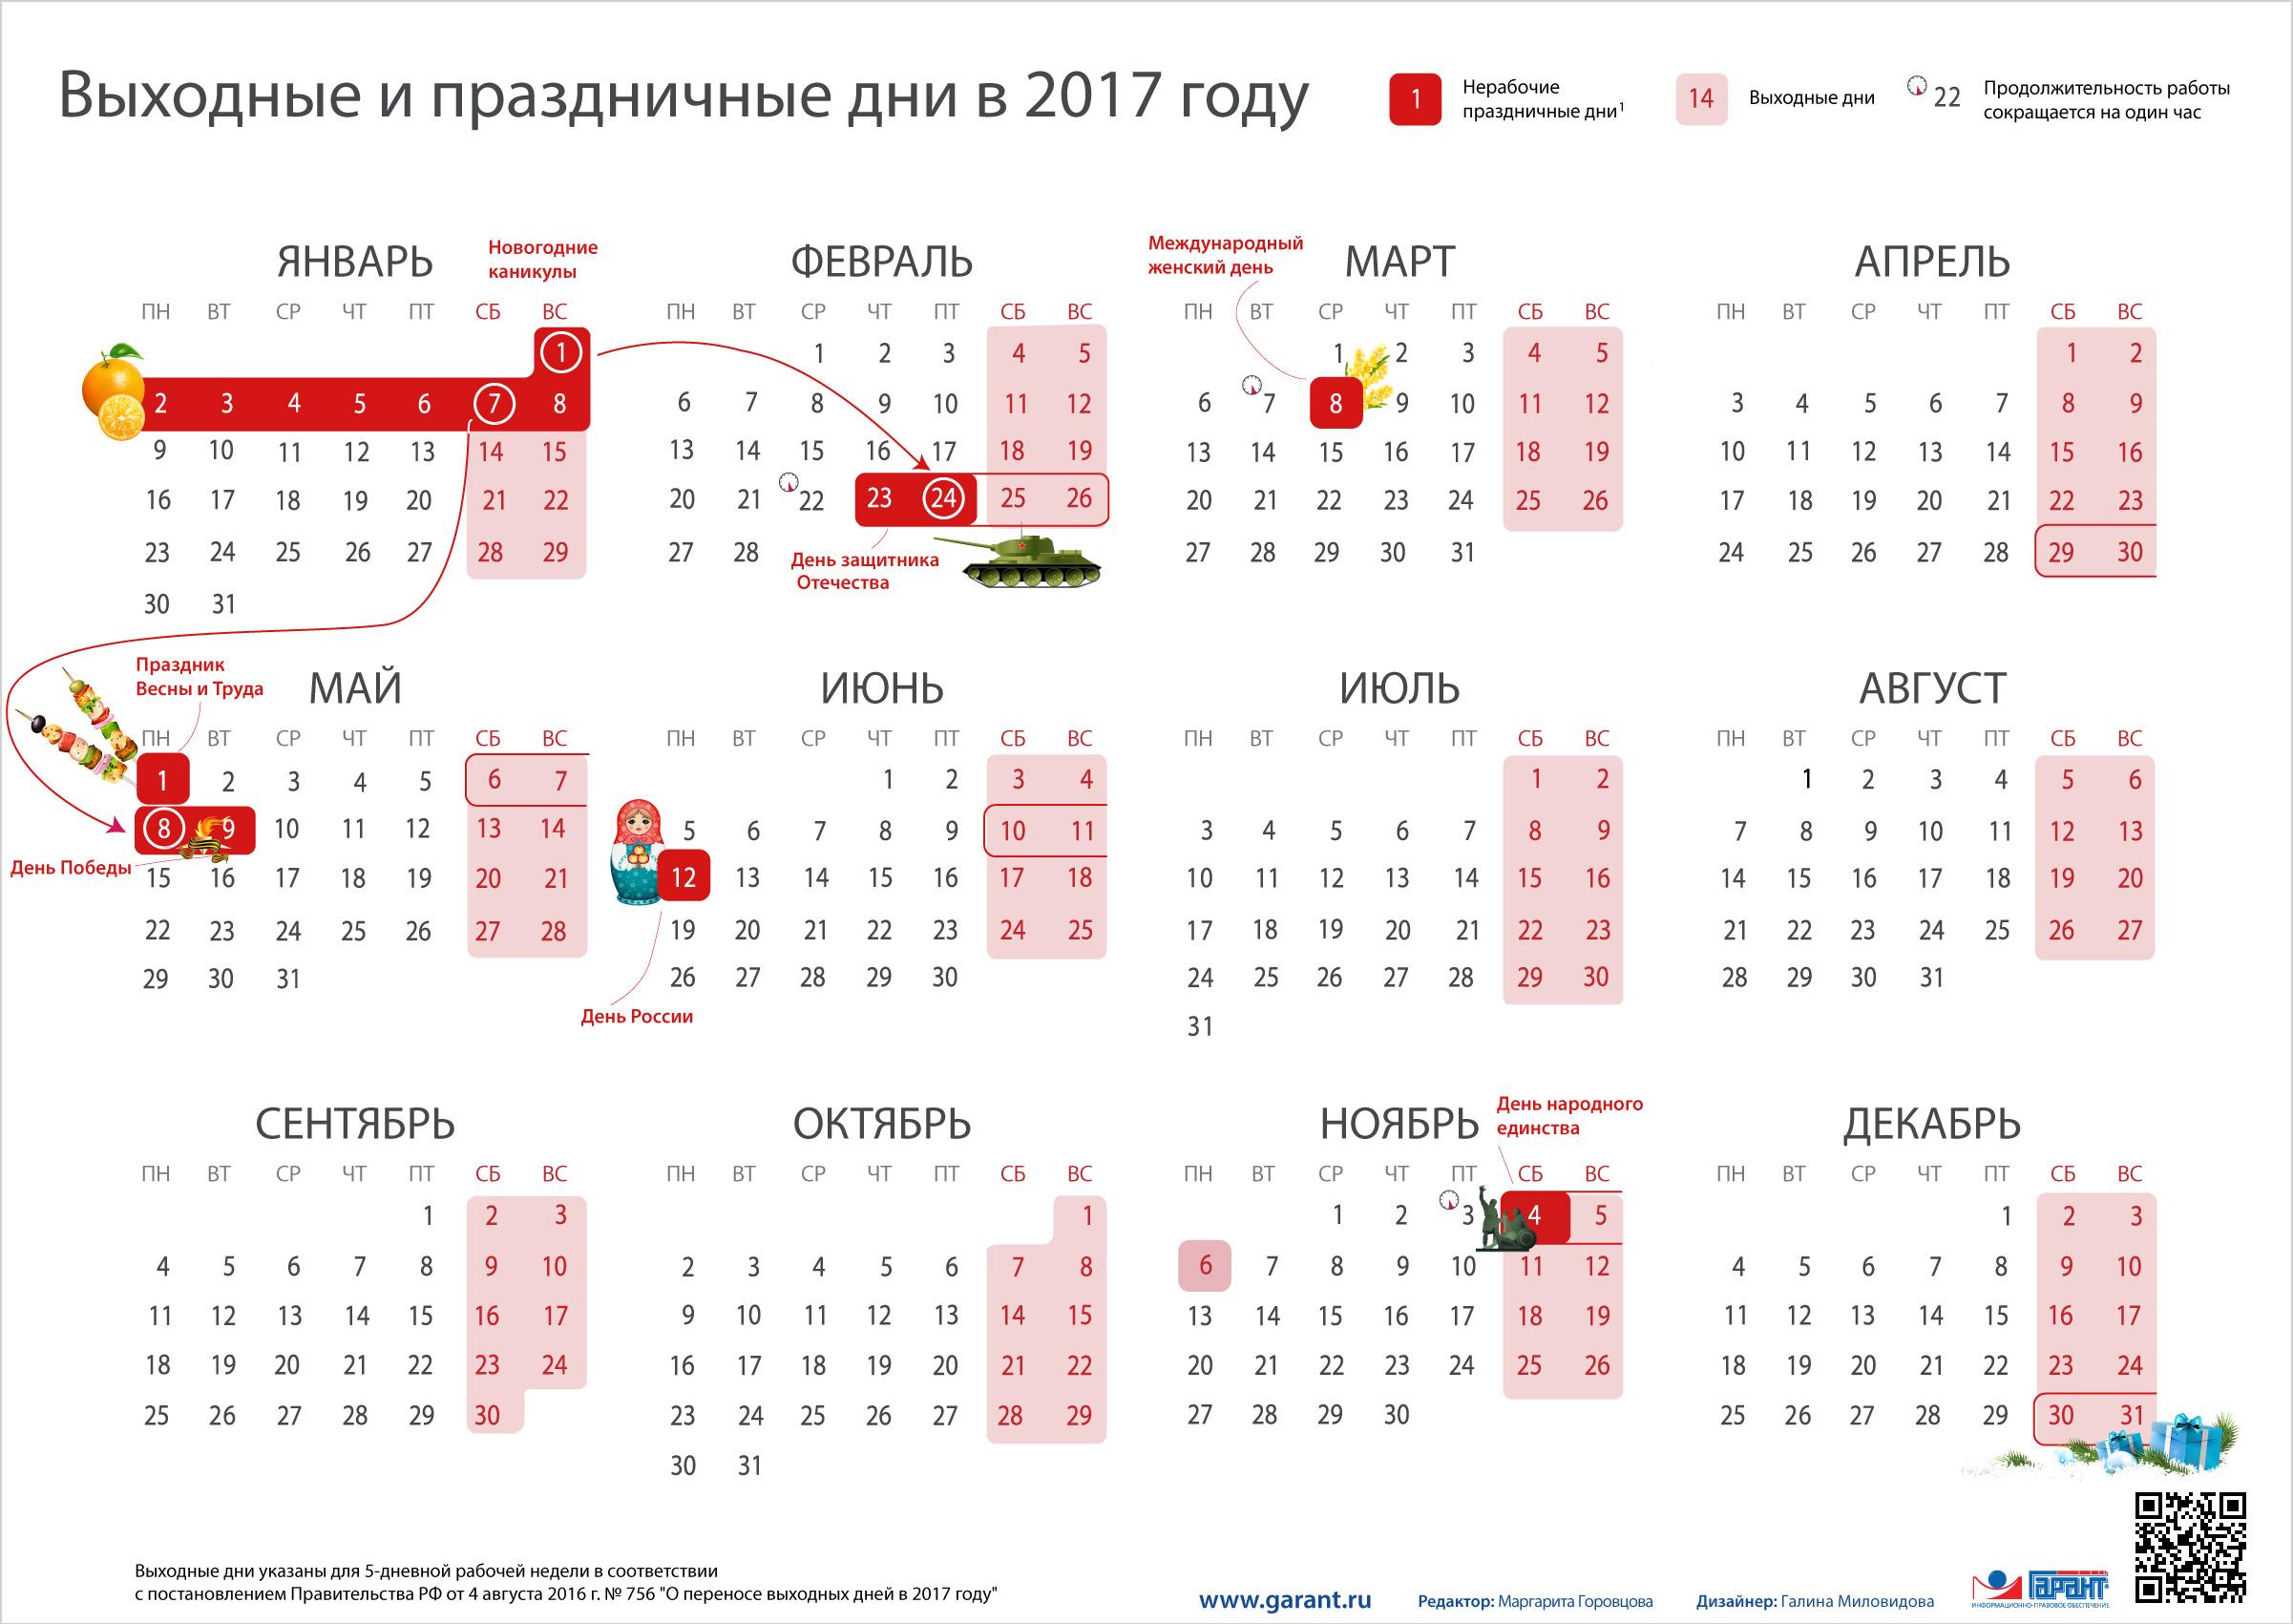 3 червня по церковному календарю